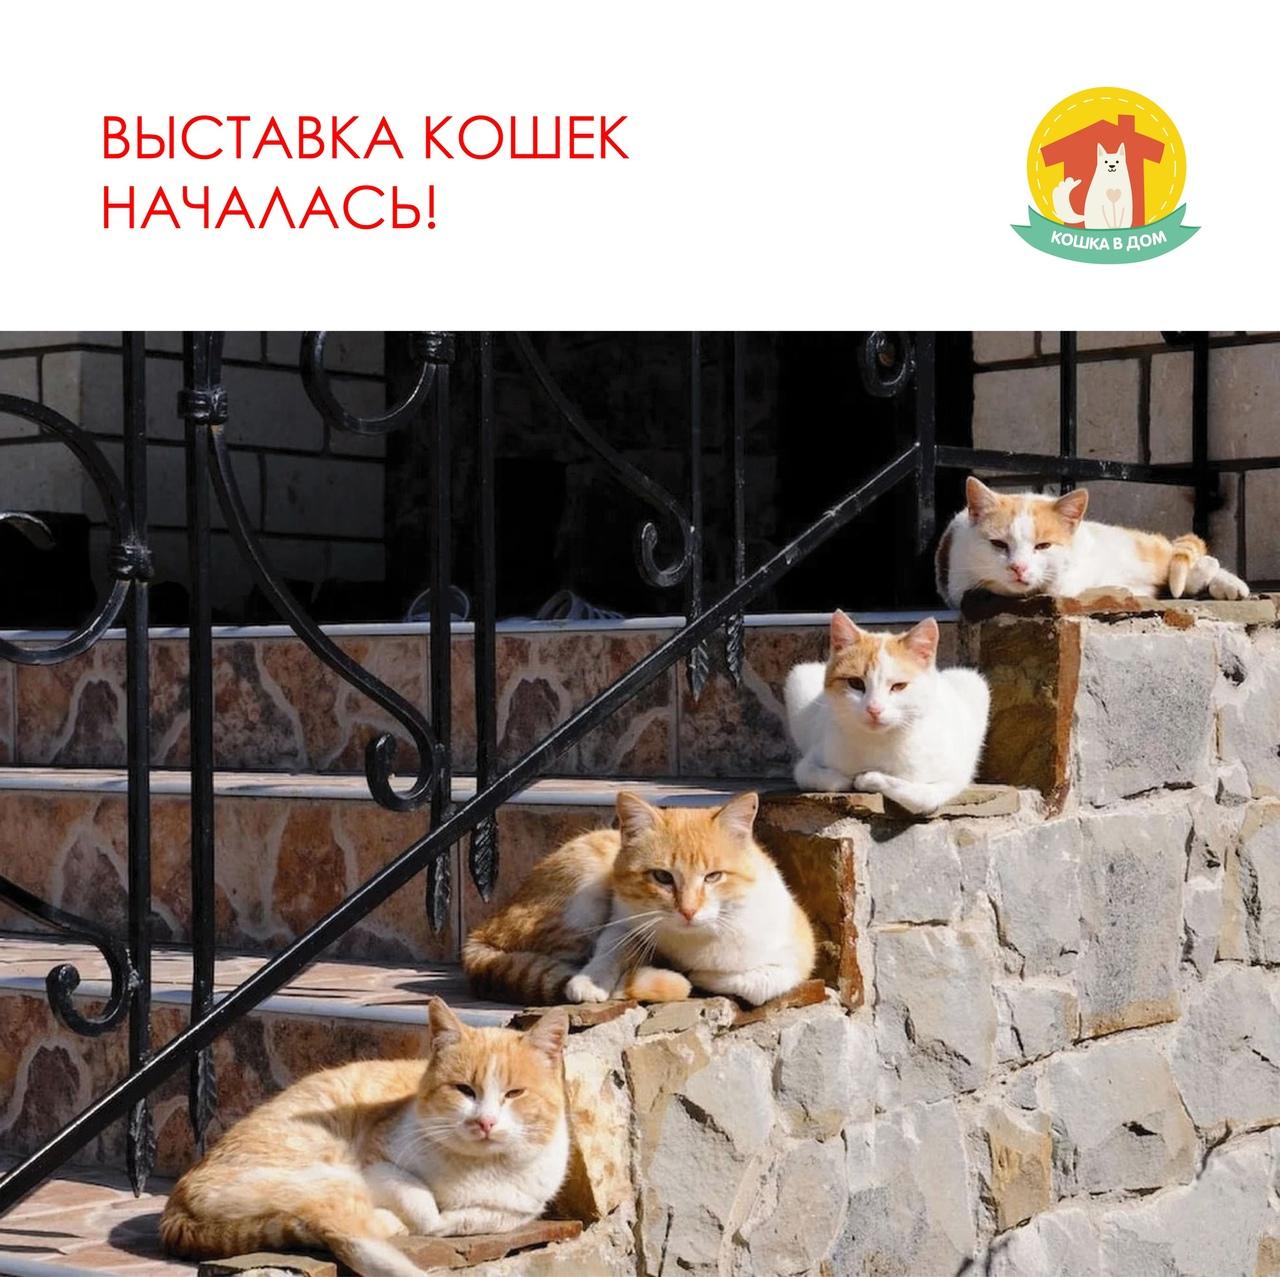 8-я онлайн-выставка кошек «КОШКА В ДОМ»